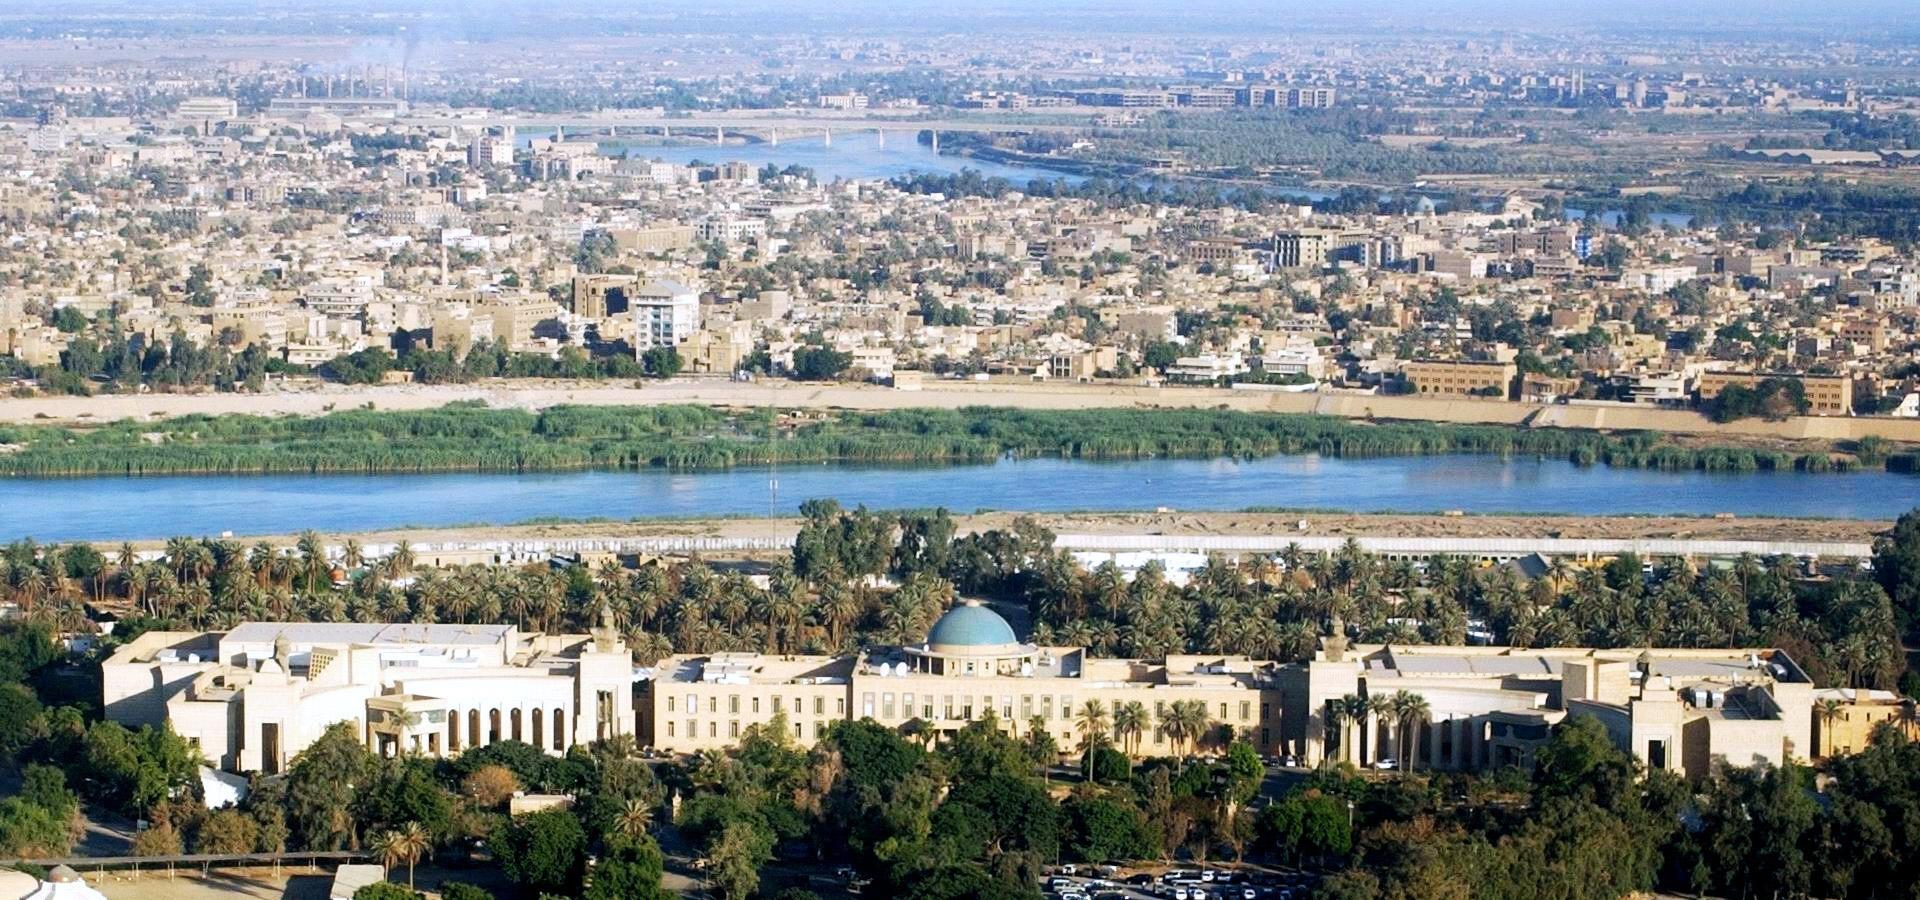 Peer-to-peer advisory in Baghdad, Iraq